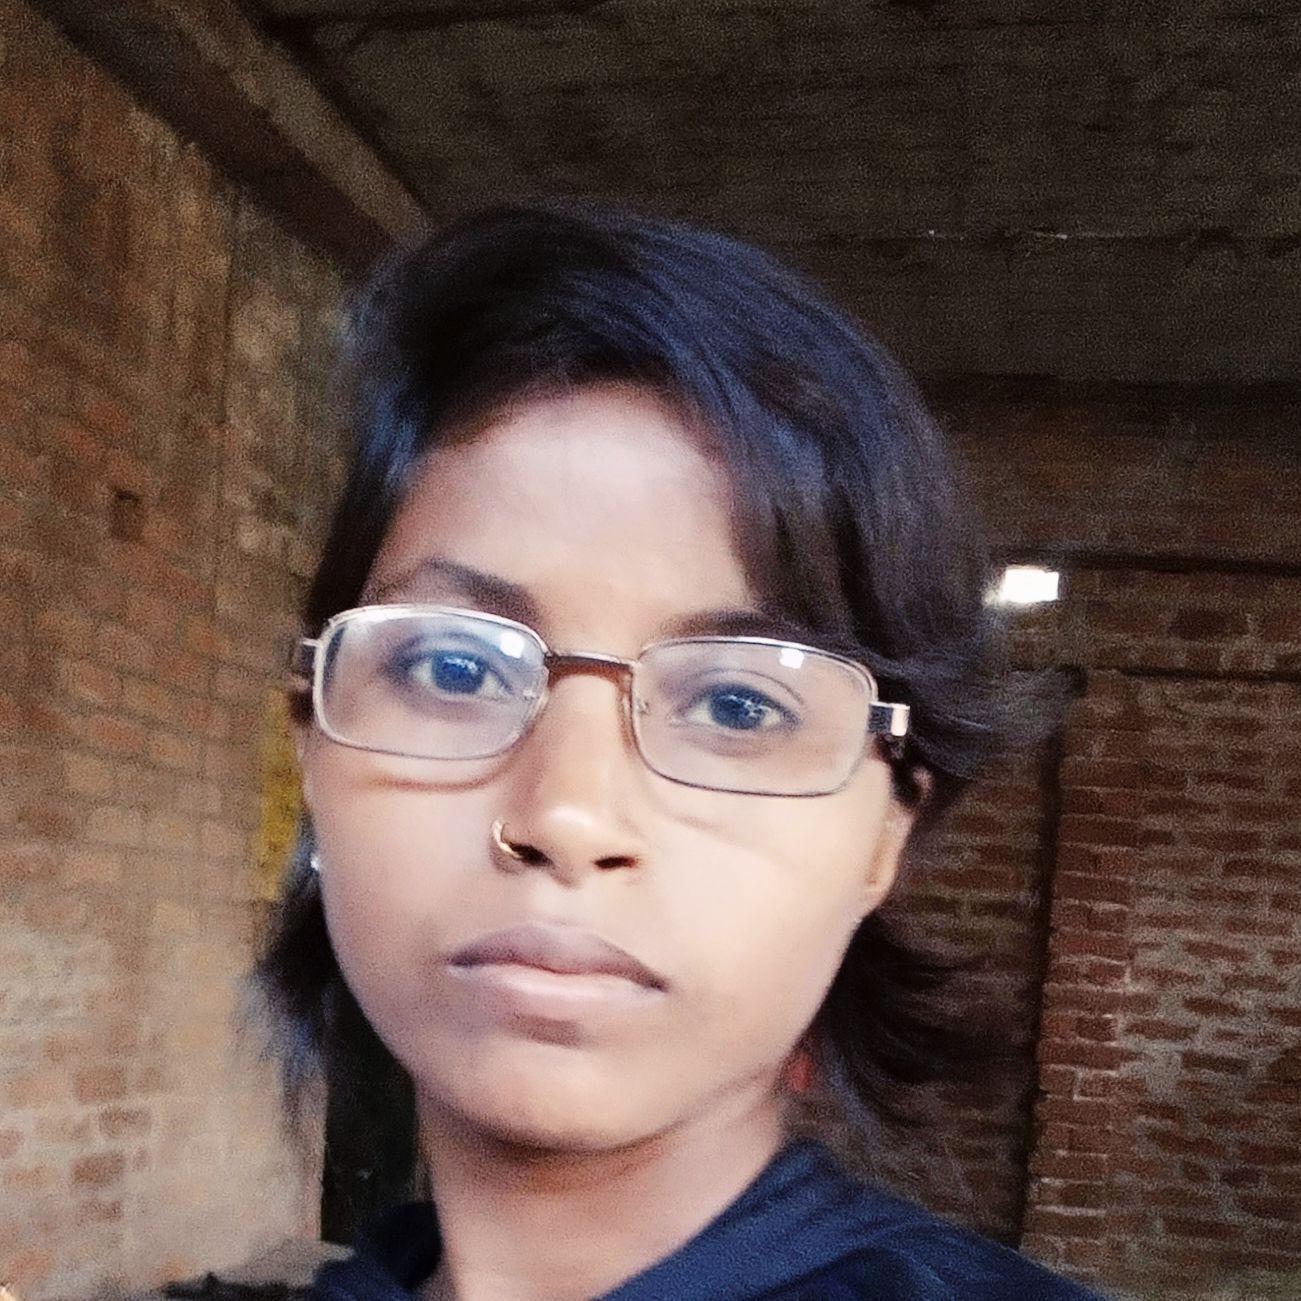 guest_1F0AA Meena